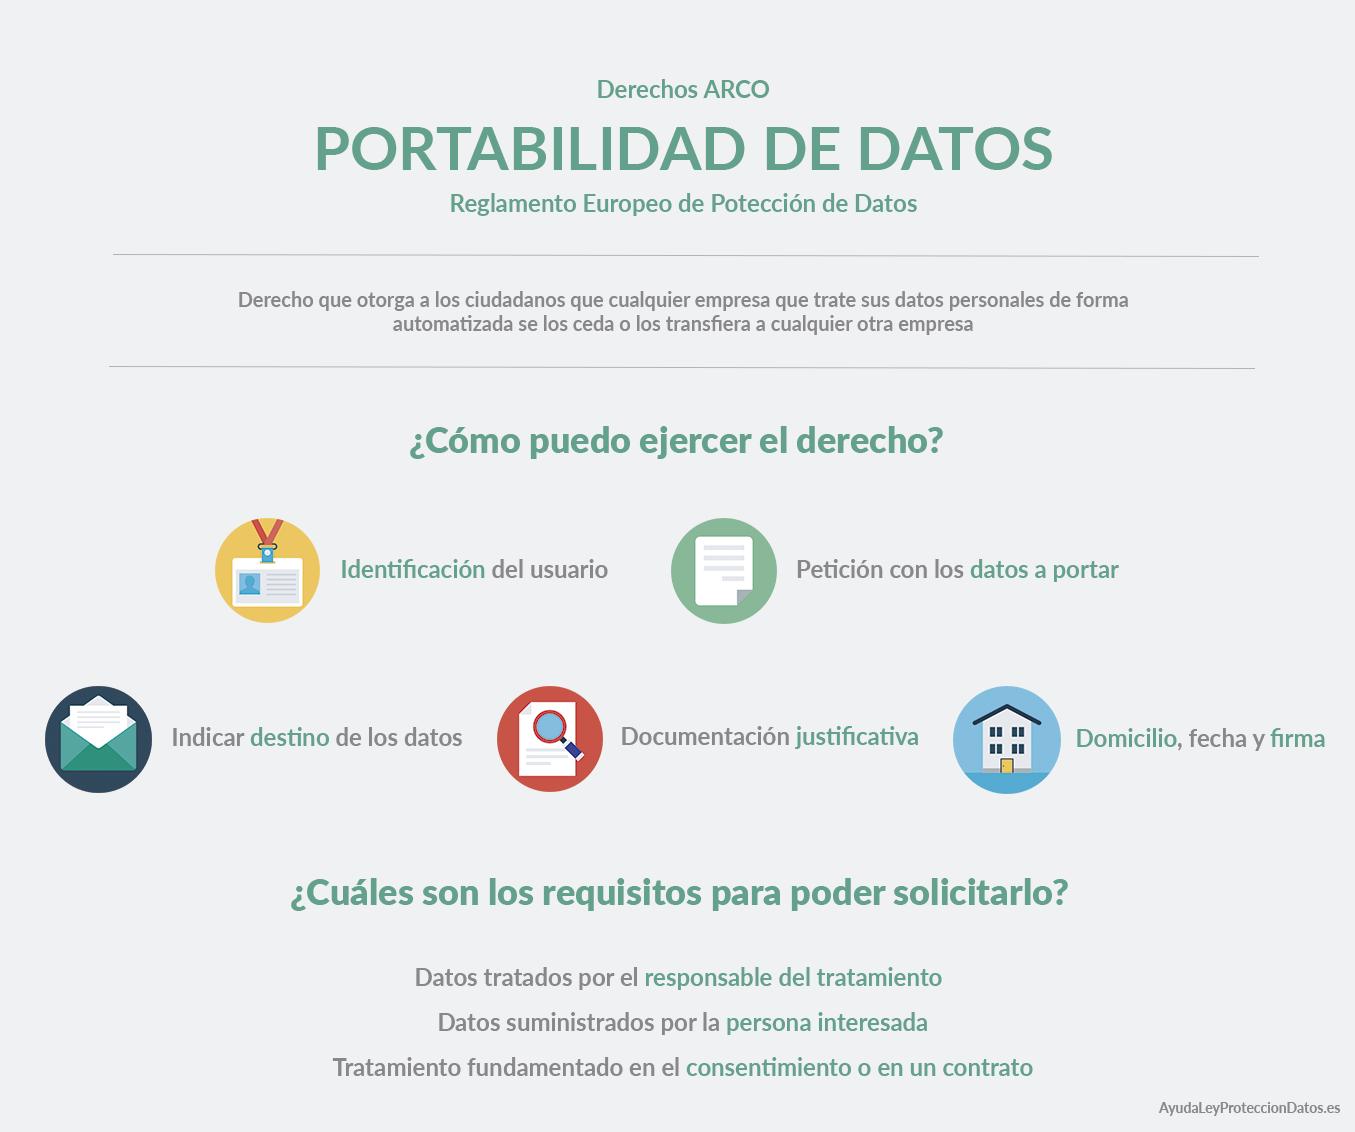 portabilidad de los datos derechos arco reglamento europeo de proteccion de datos